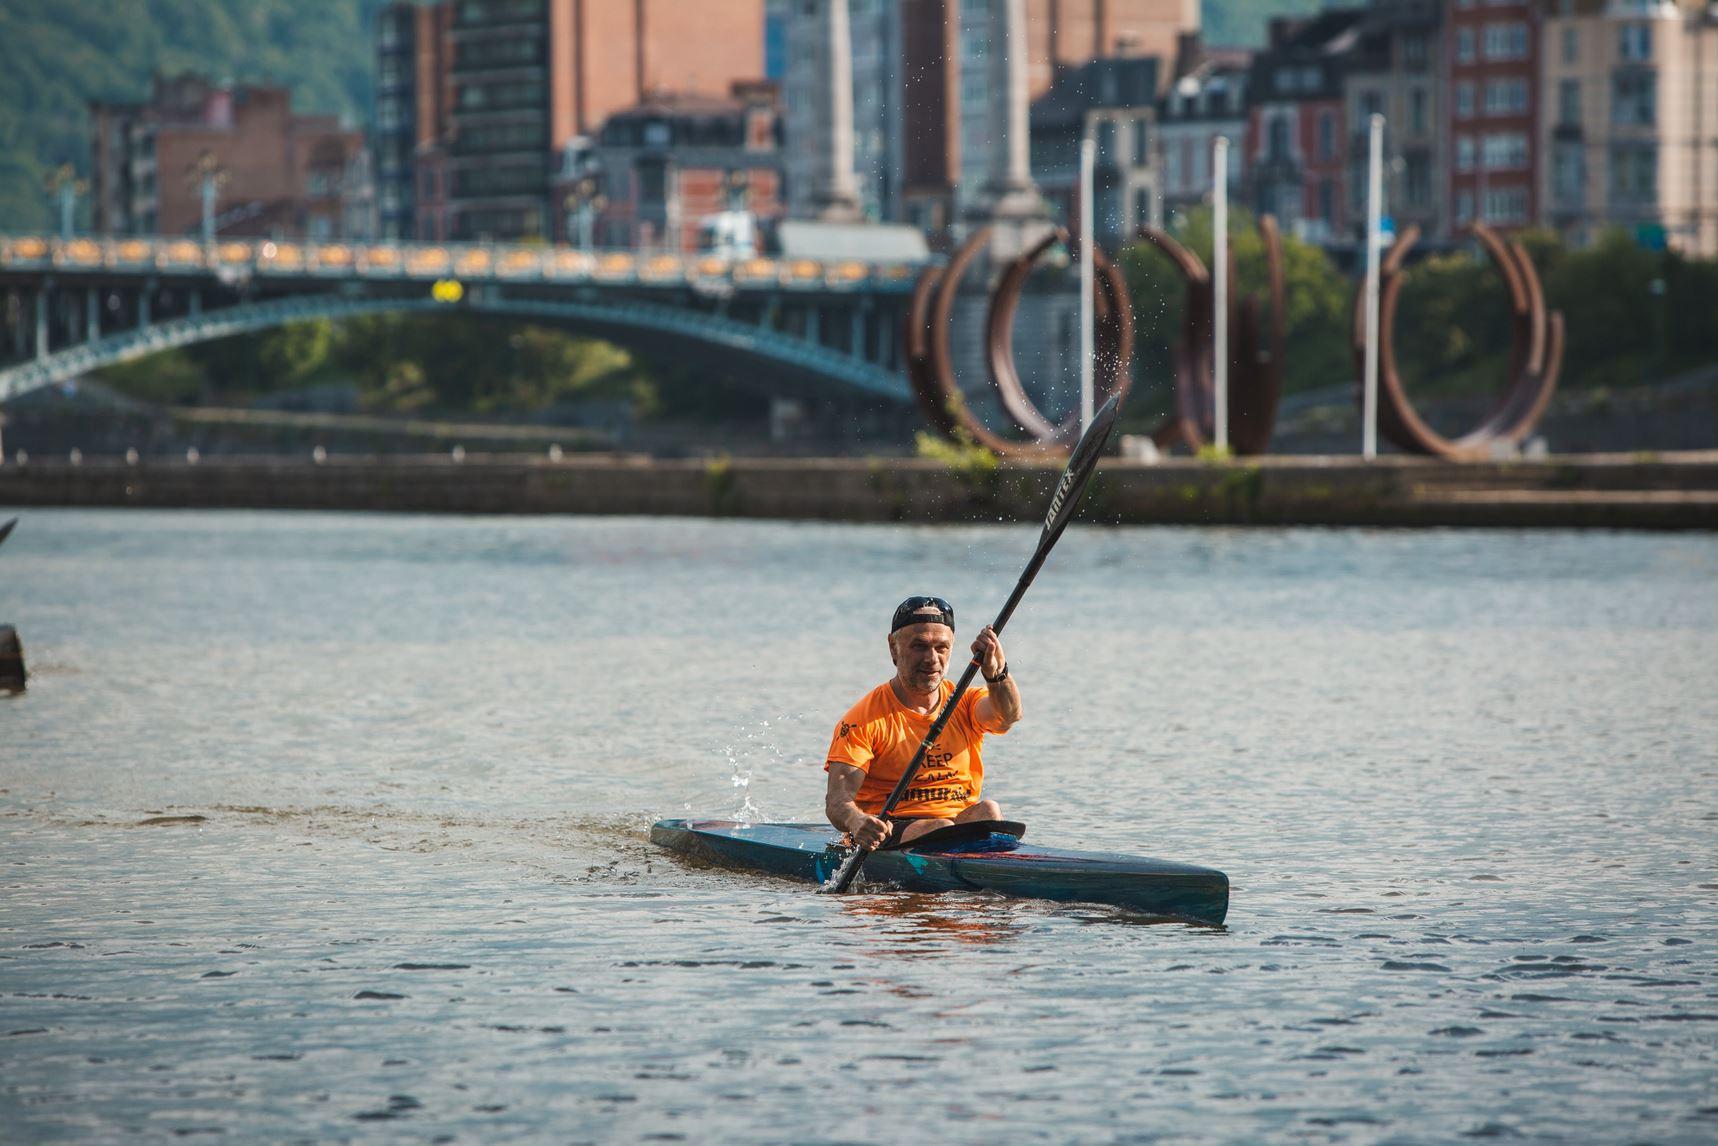 ffc-kayak-marathon-liege2